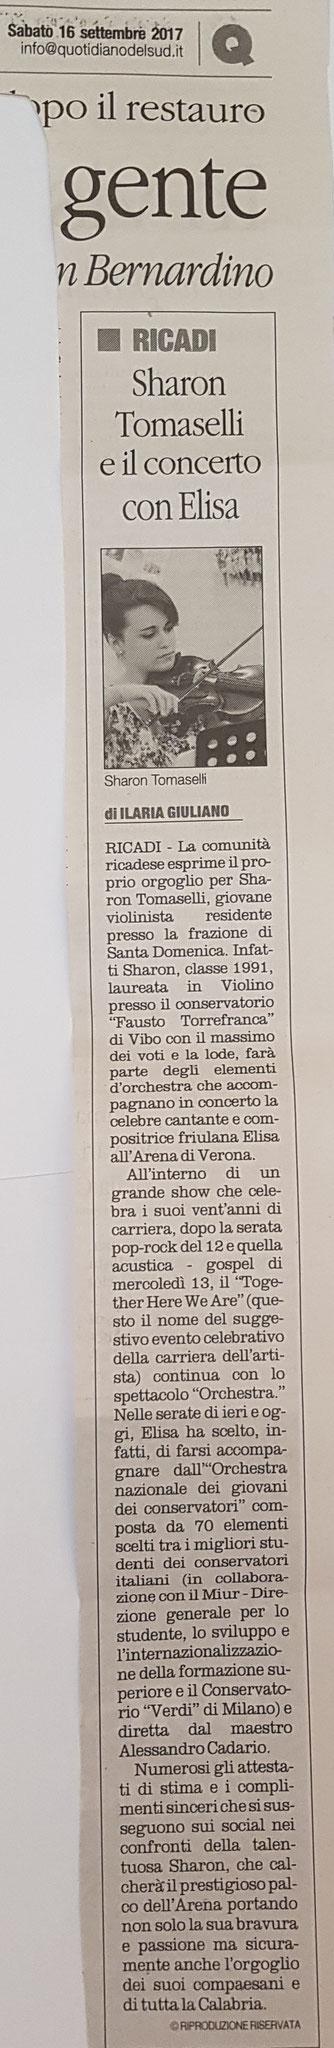 Il Quotidiano del Sud 16/09/2017